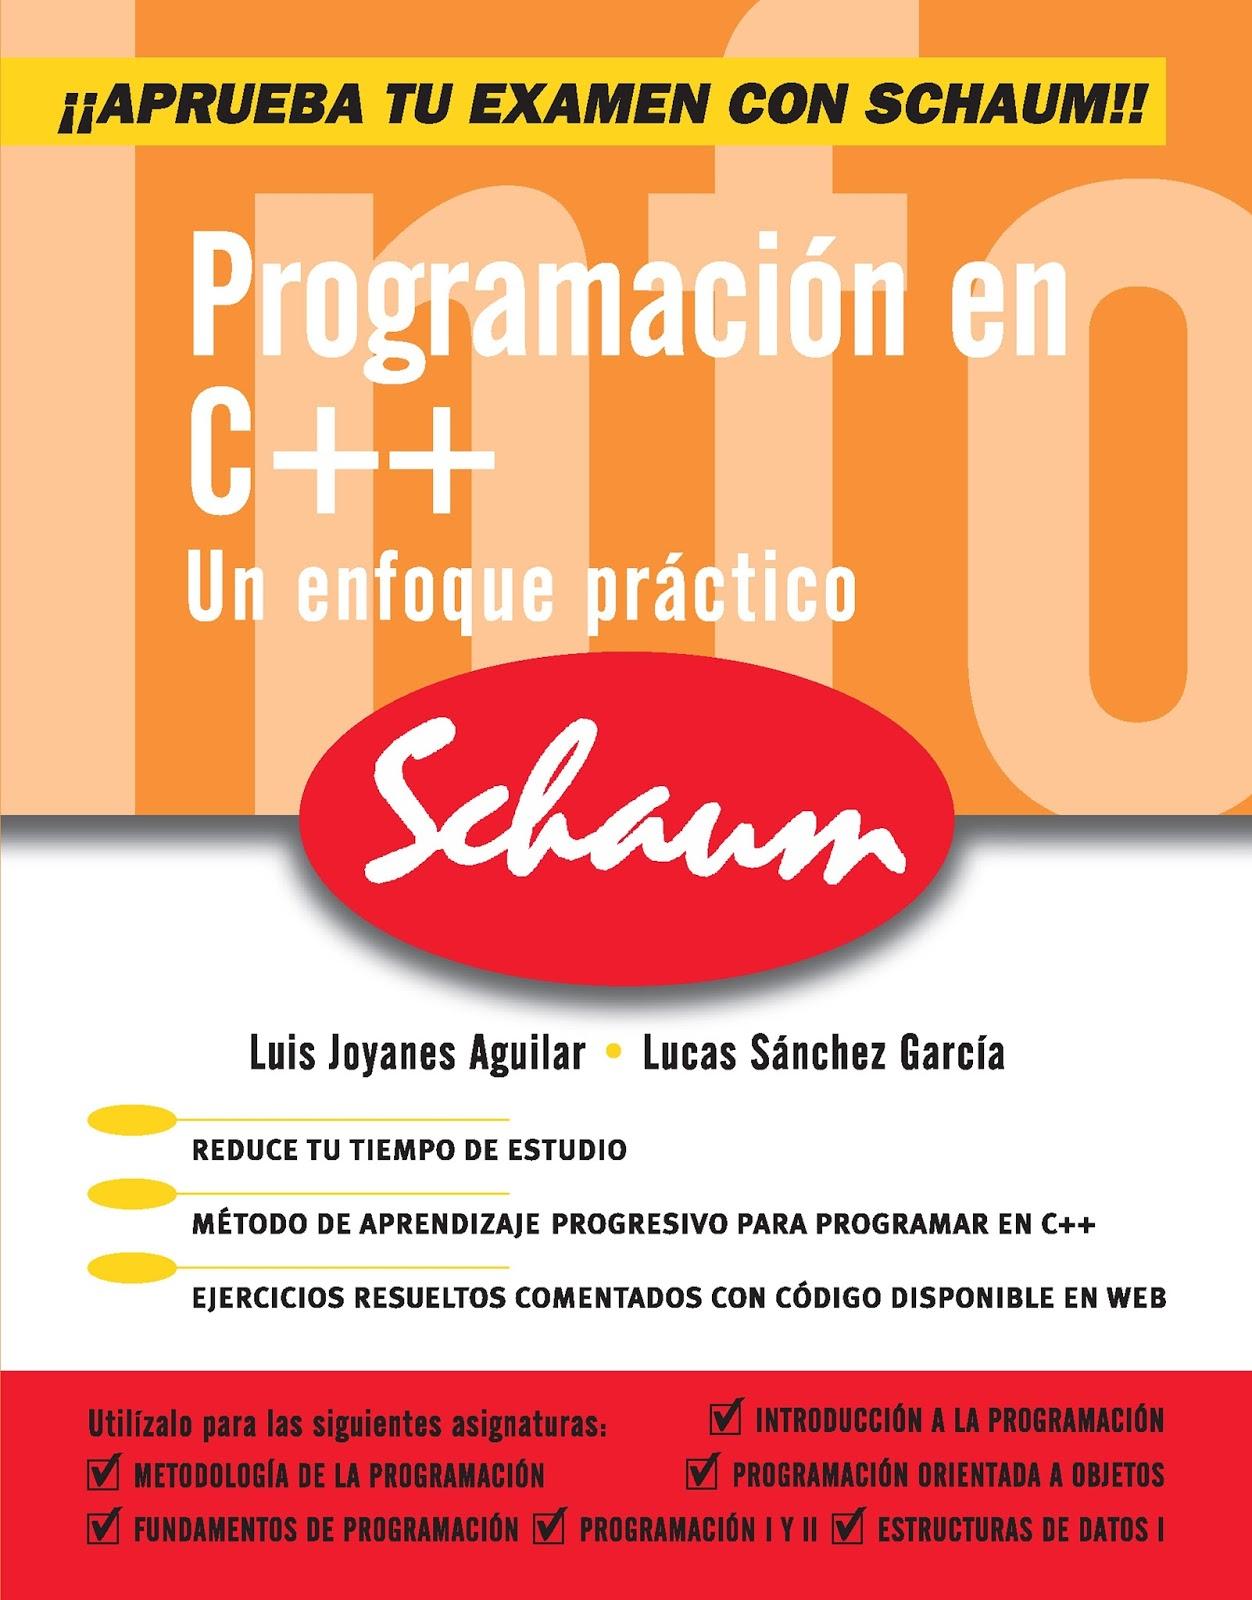 Programación en C++: Un enfoque práctico – Luis Joyanes Aguilar